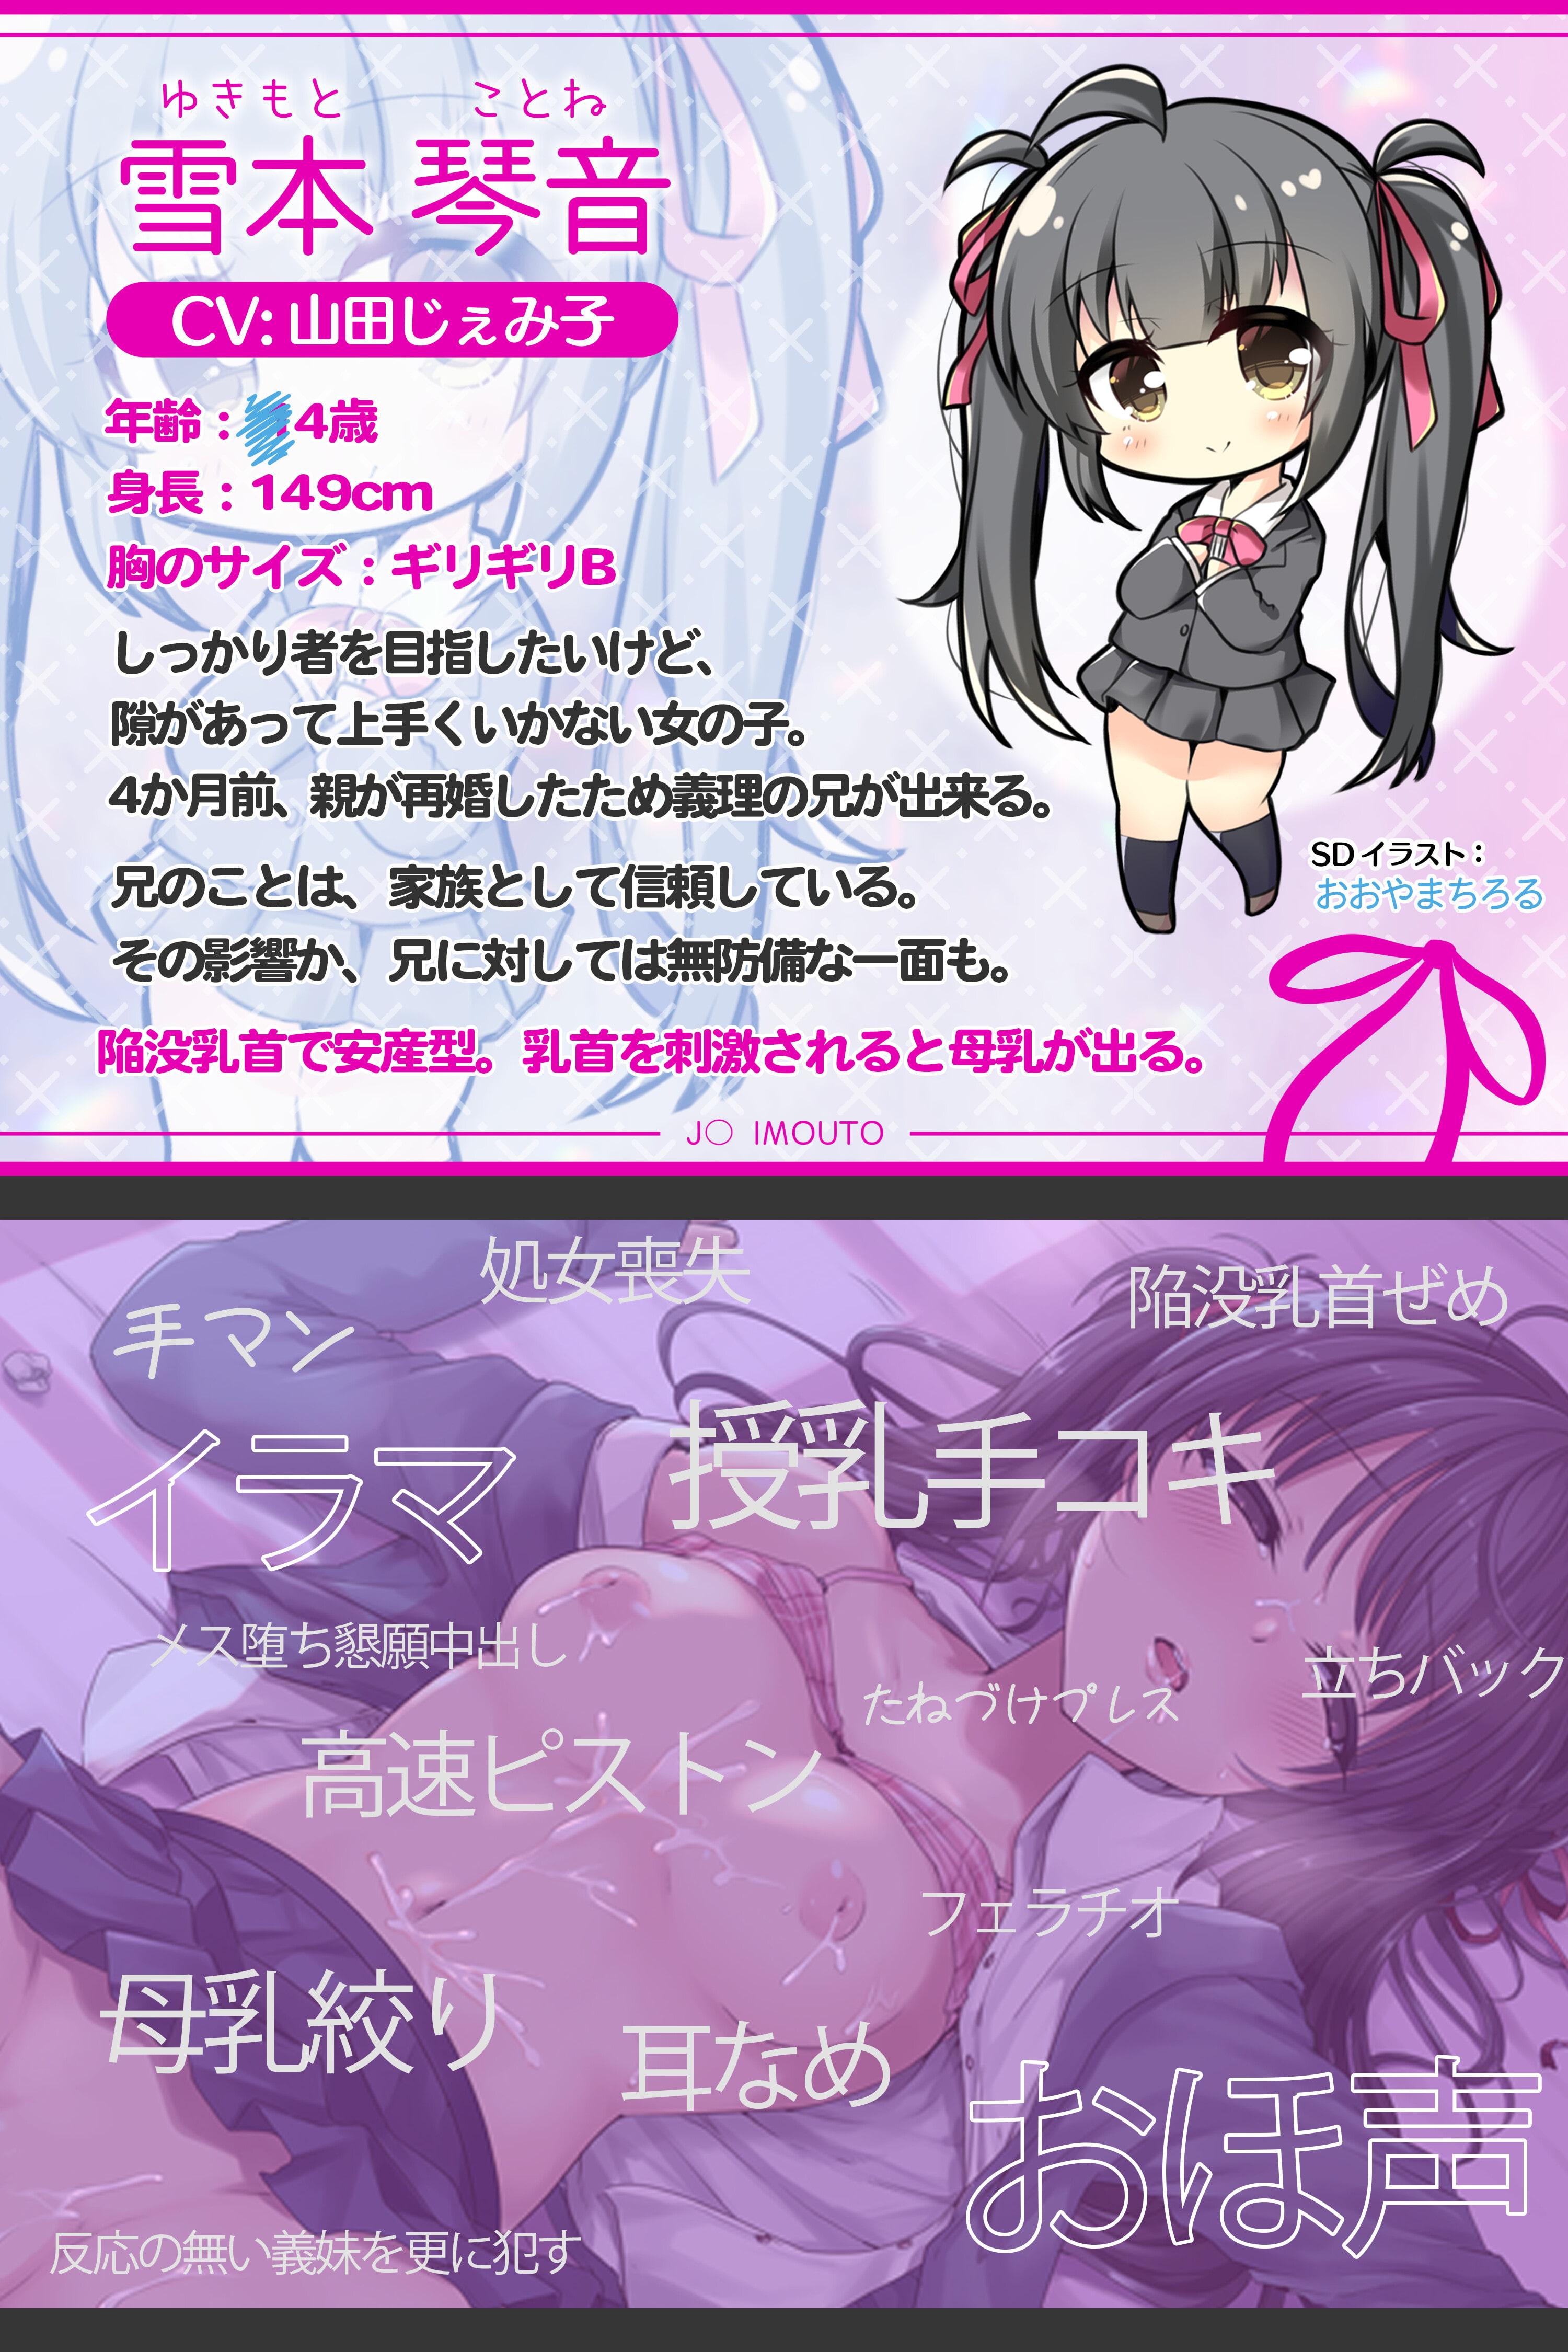 【KU100】J○義妹 夜這い×搾乳【合計2時間45分】 [一事が万事]